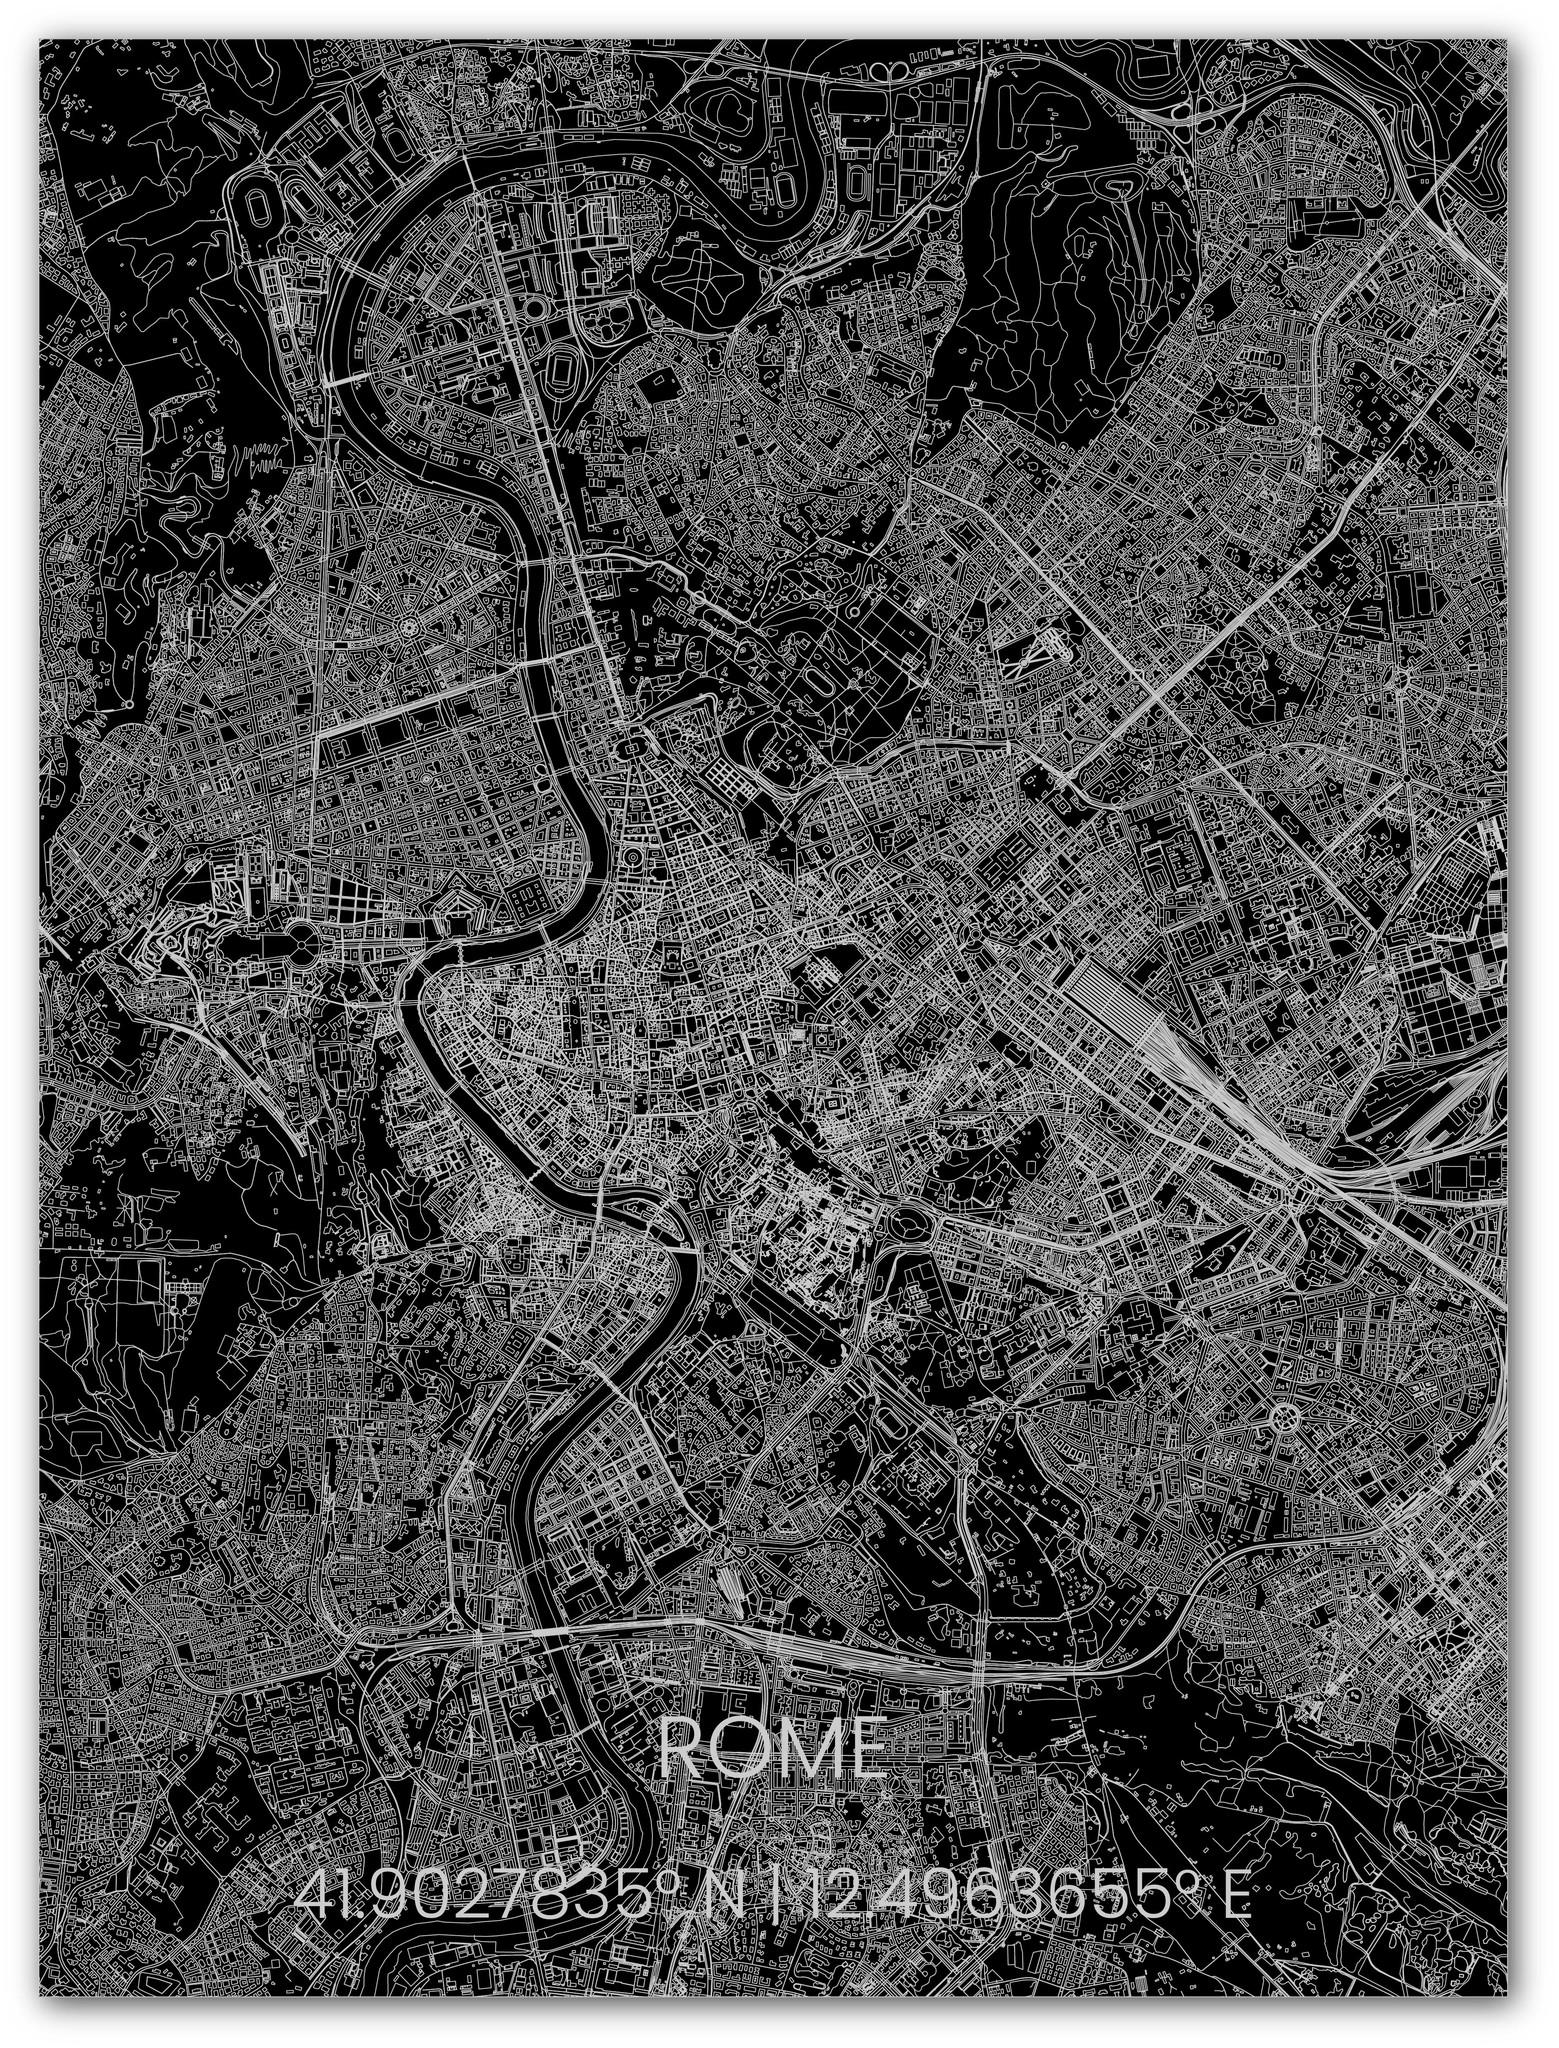 Metalen stadsplattegrond Rome-1